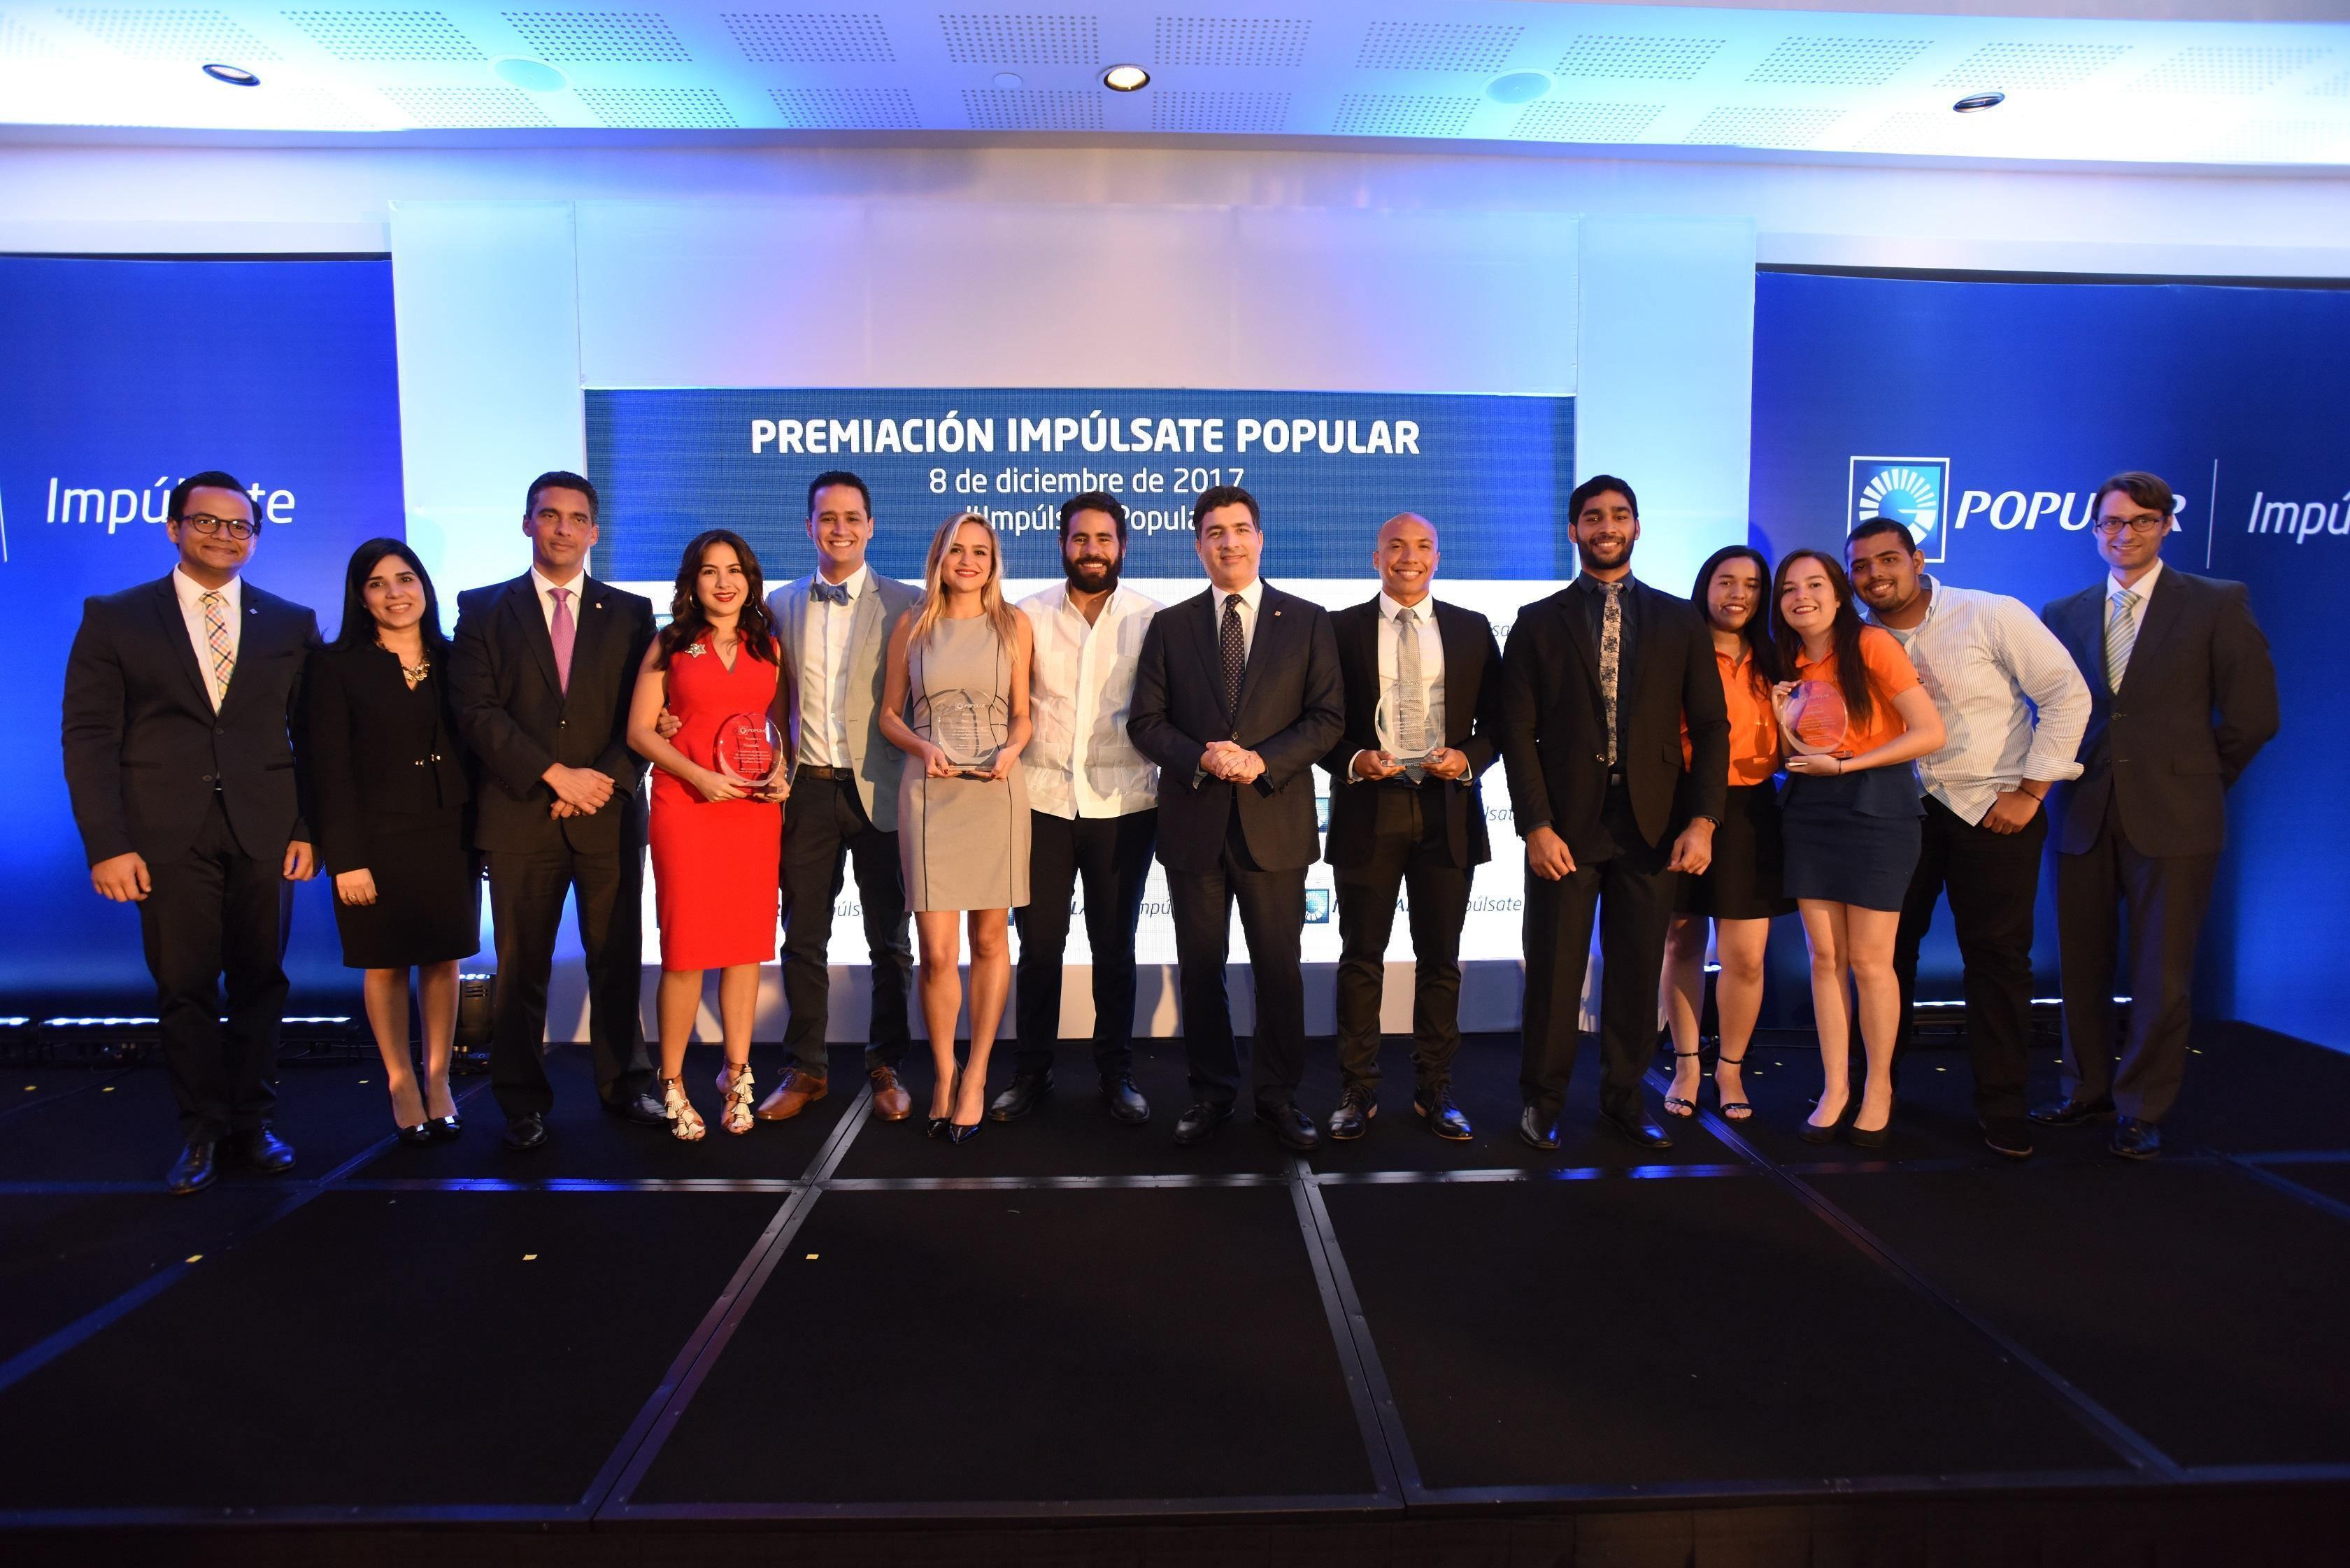 Banco Popular premia emprendimientos universitarios con su programa Impúlsate